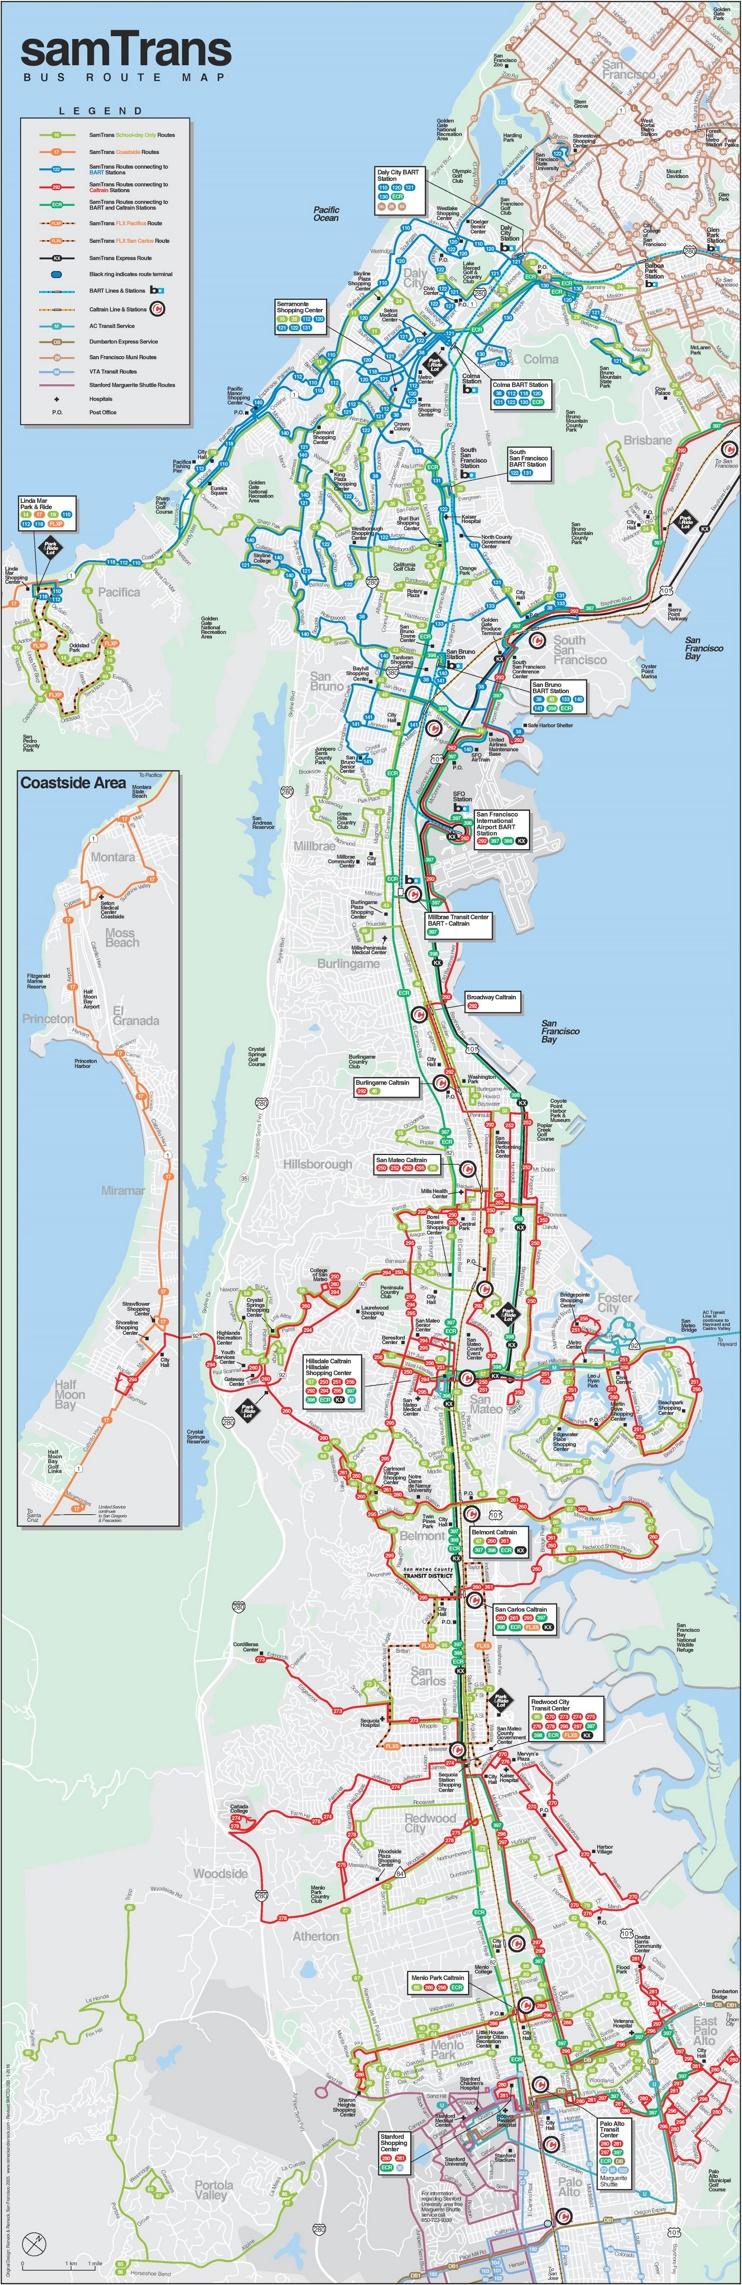 SamTrans map